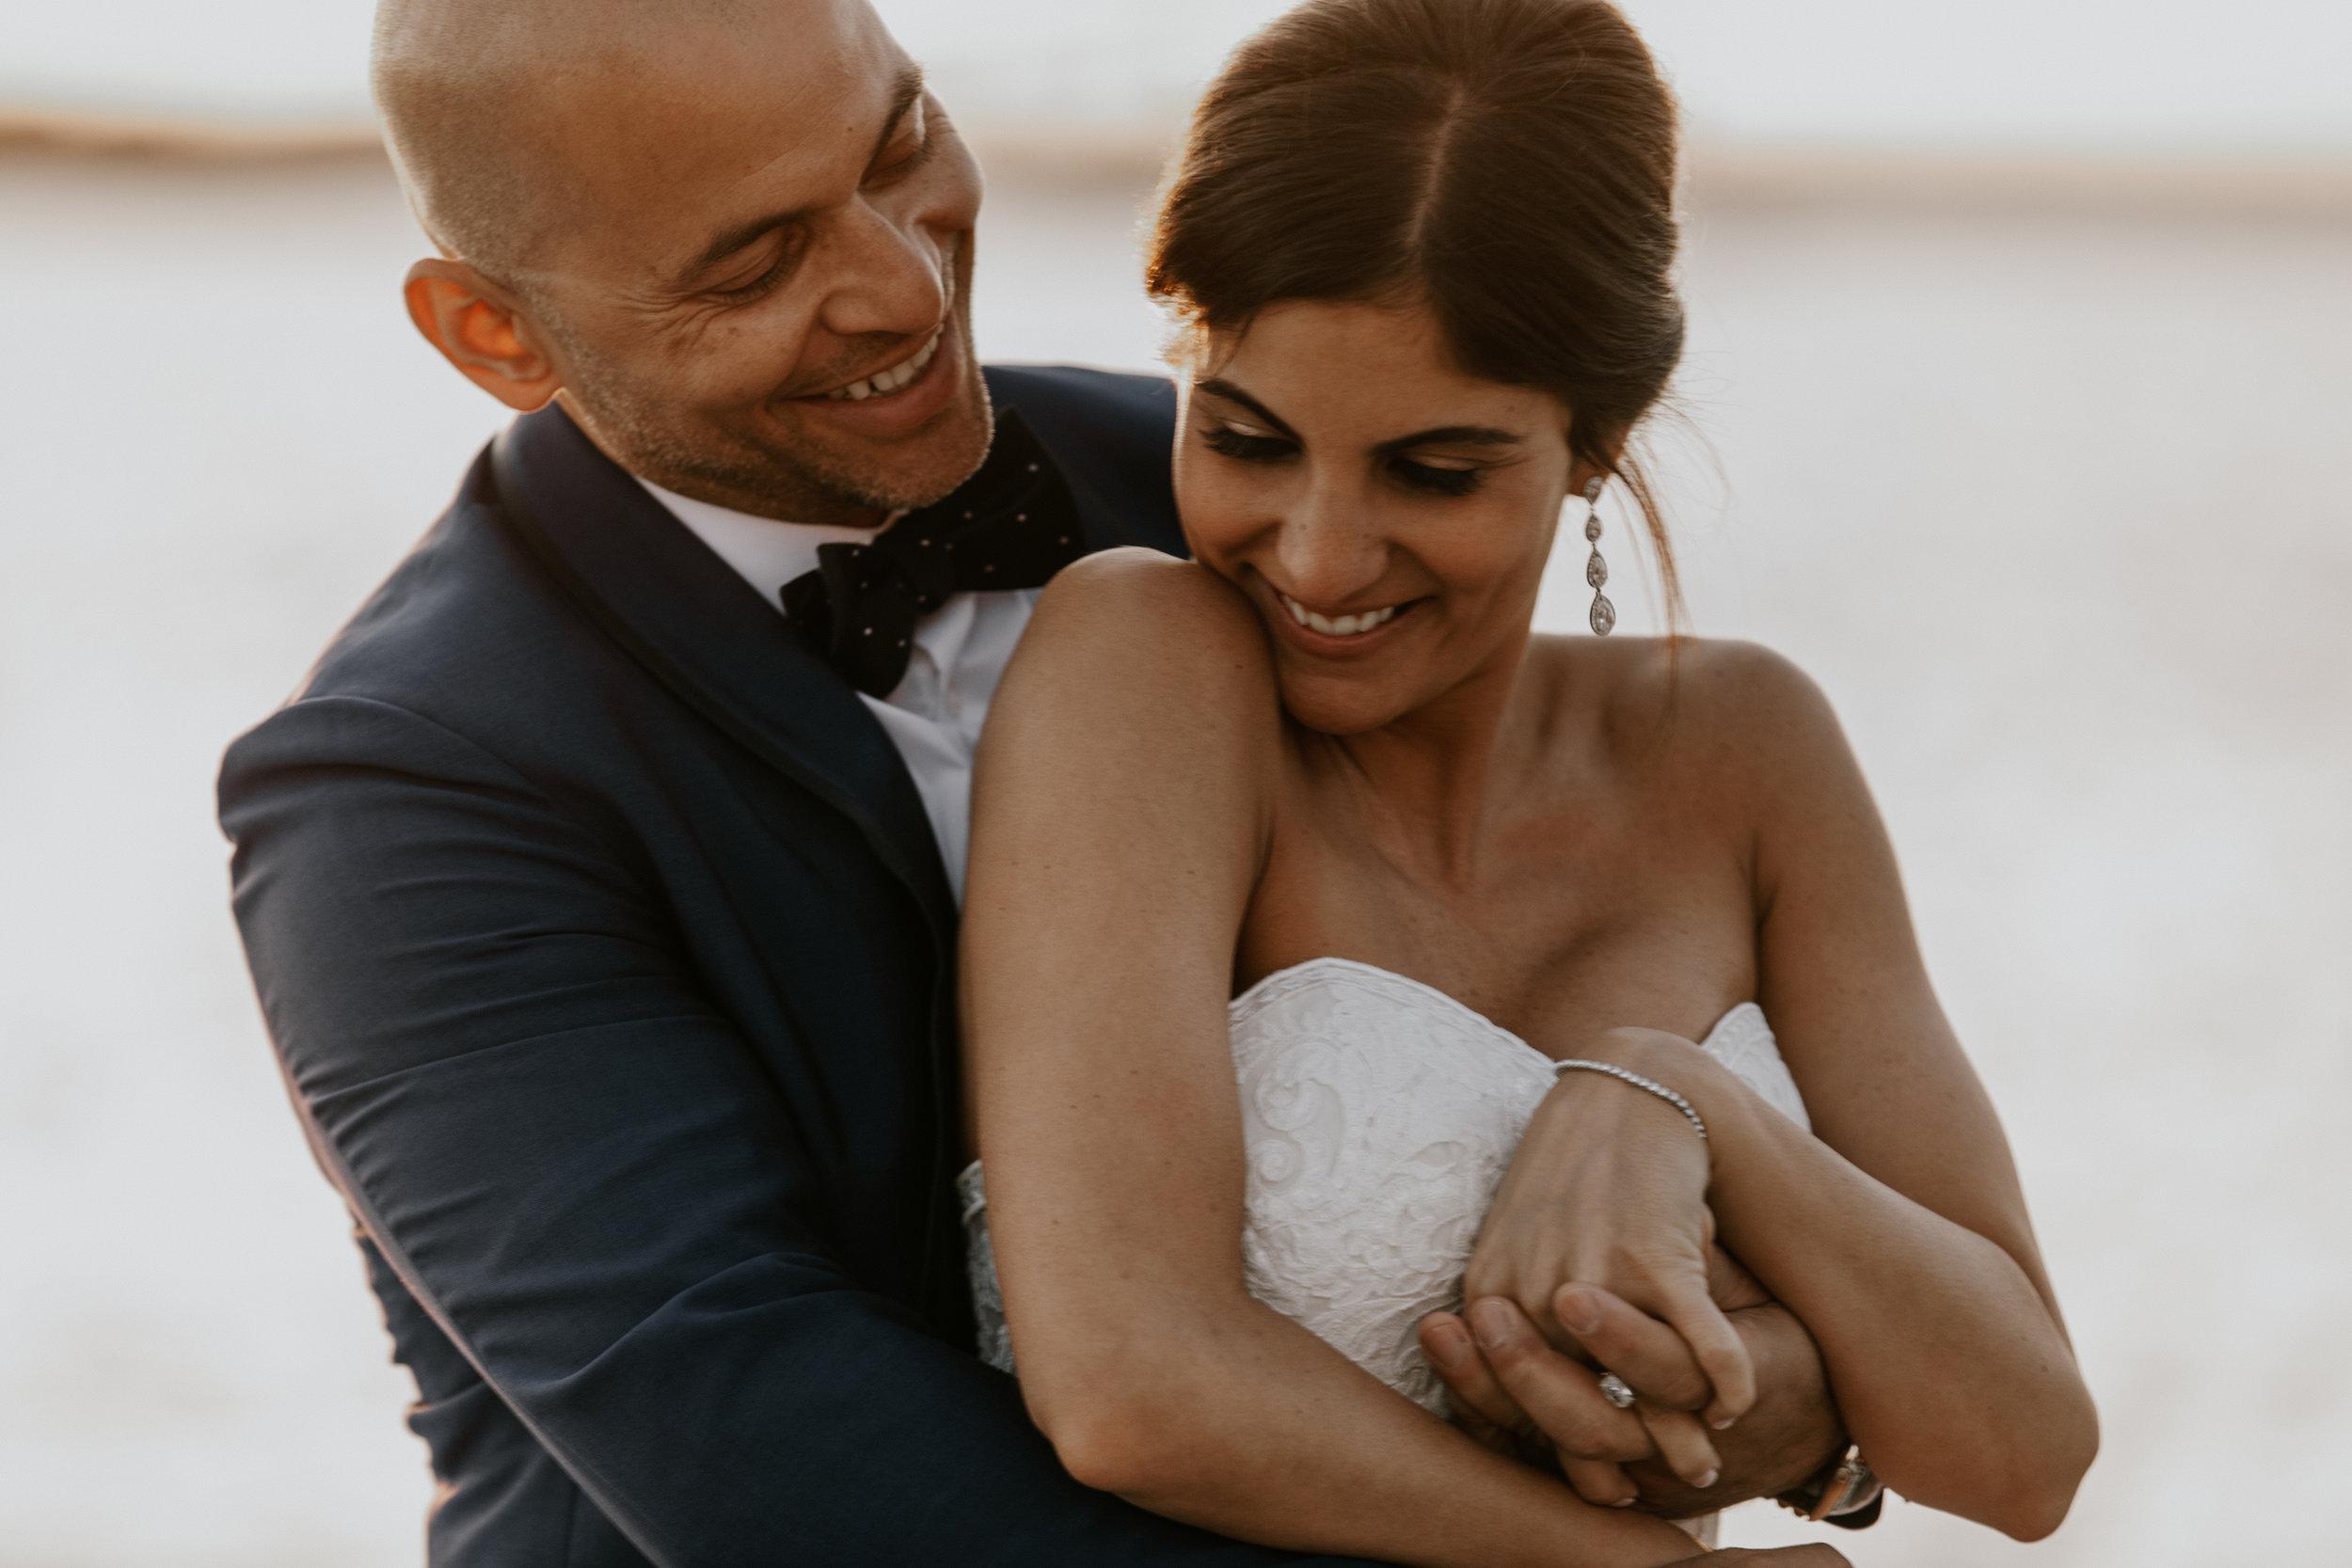 BestweddingphotographersinCalifornia.jpg